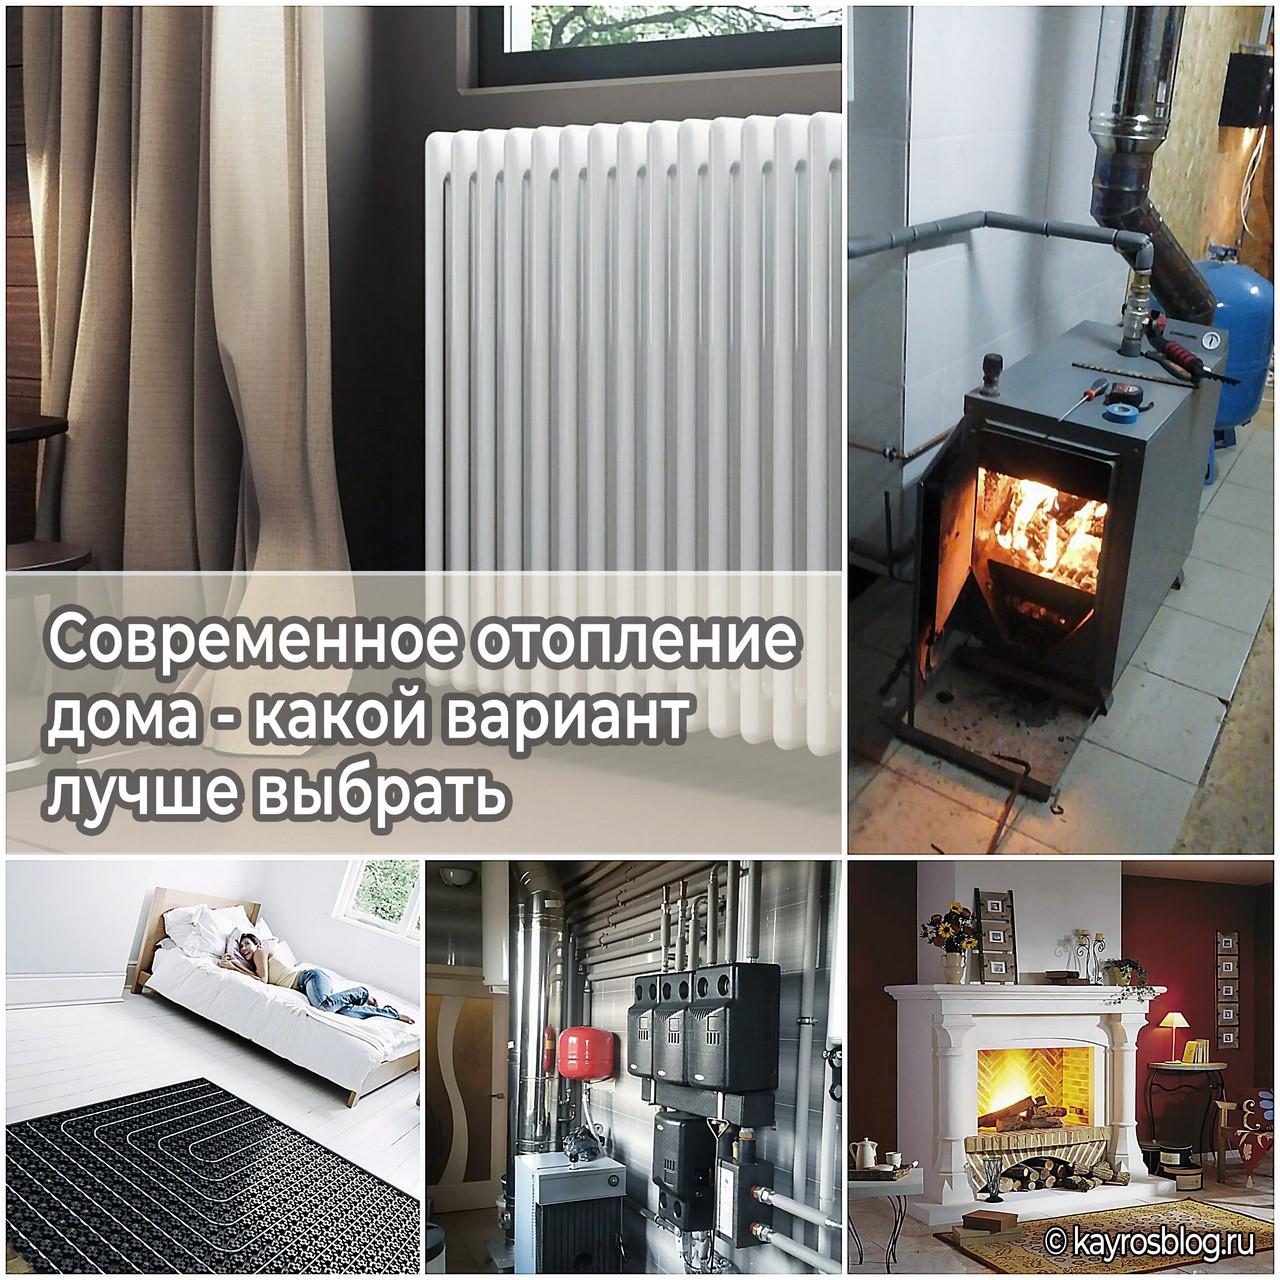 Современное отопление дома - какой вариант лучше выбрать